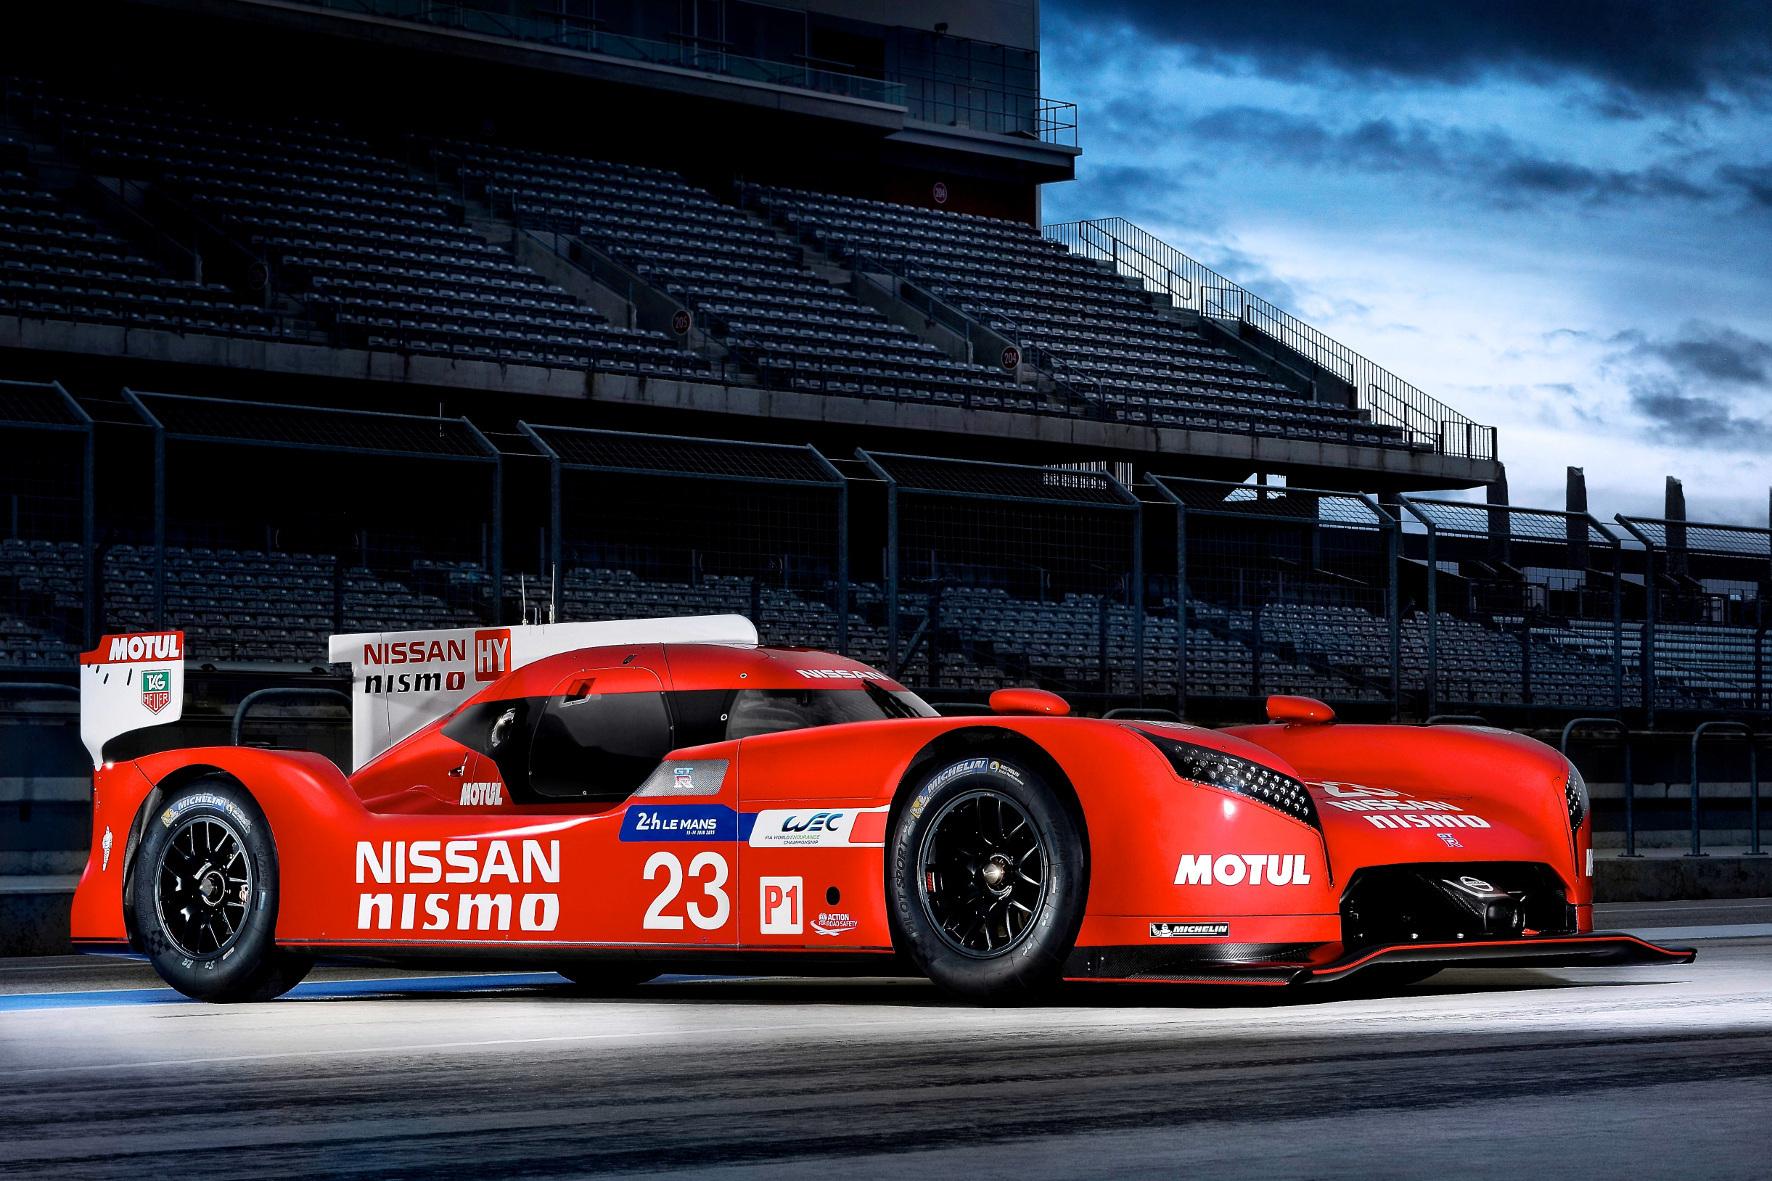 mid Groß-Gerau - Das Aus nach nur einem Rennen: Nissan beendet sein Engagement in der Langstrecken-Königsklasse LMP1. Der Nissan GT-R LM Nismo ist nach nur einem Jahr ein Fall für das Museum.